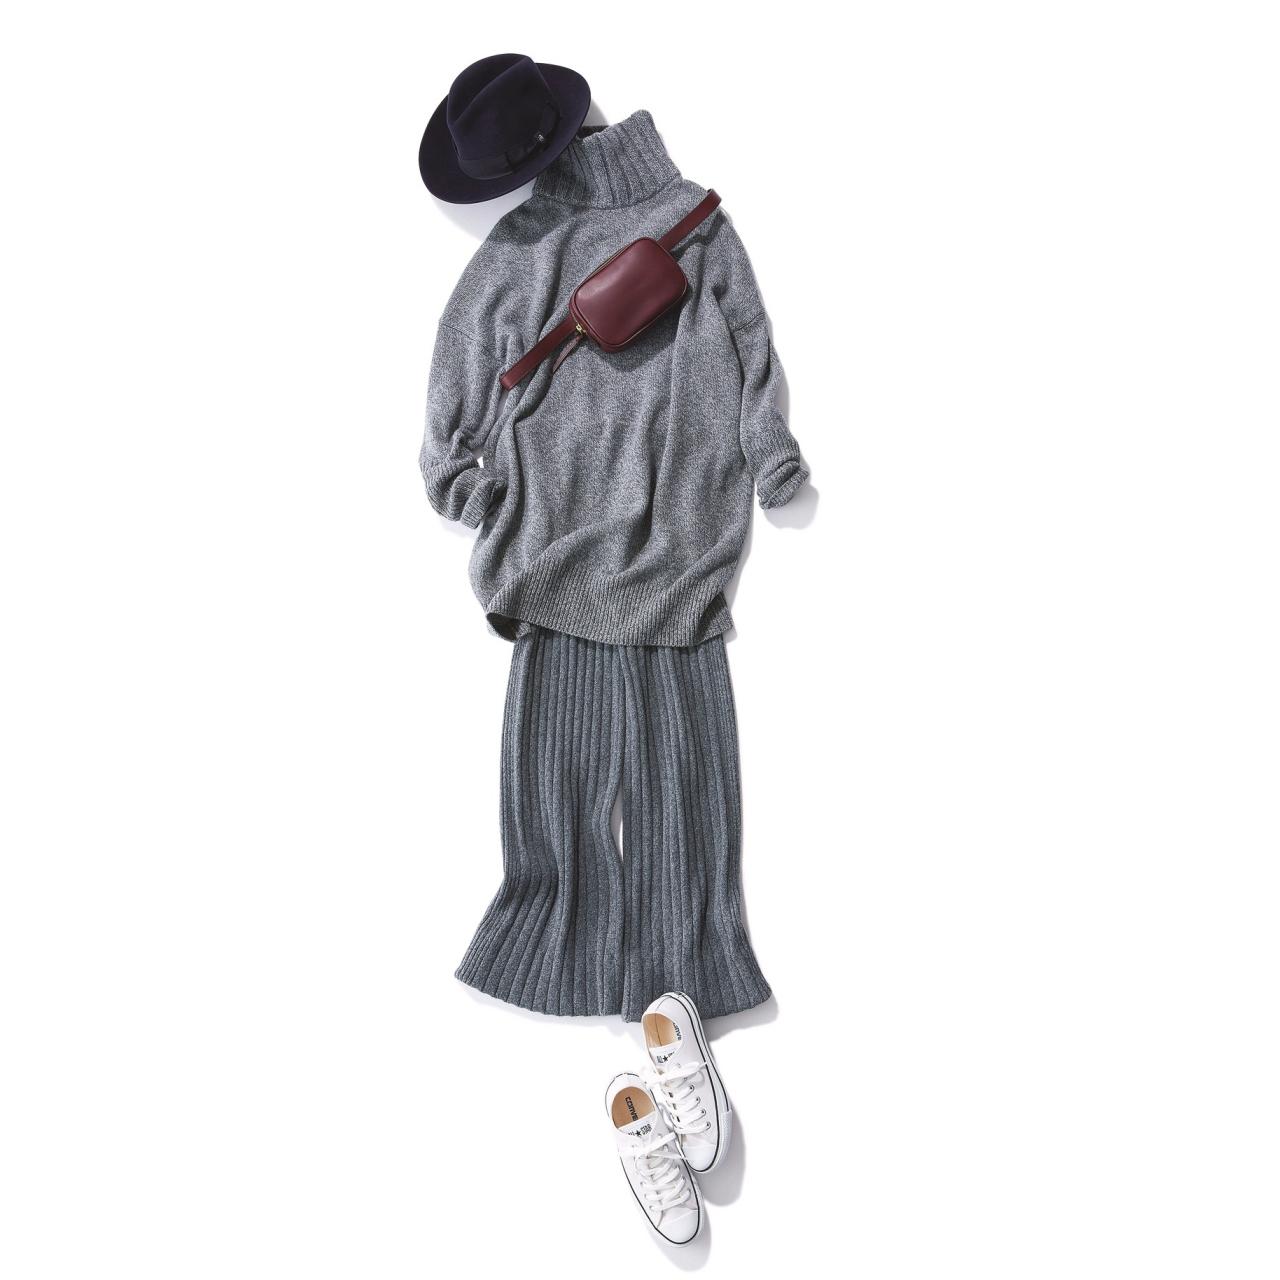 ワイドシルエットのパンツ×スニーカーのファッションコーデ